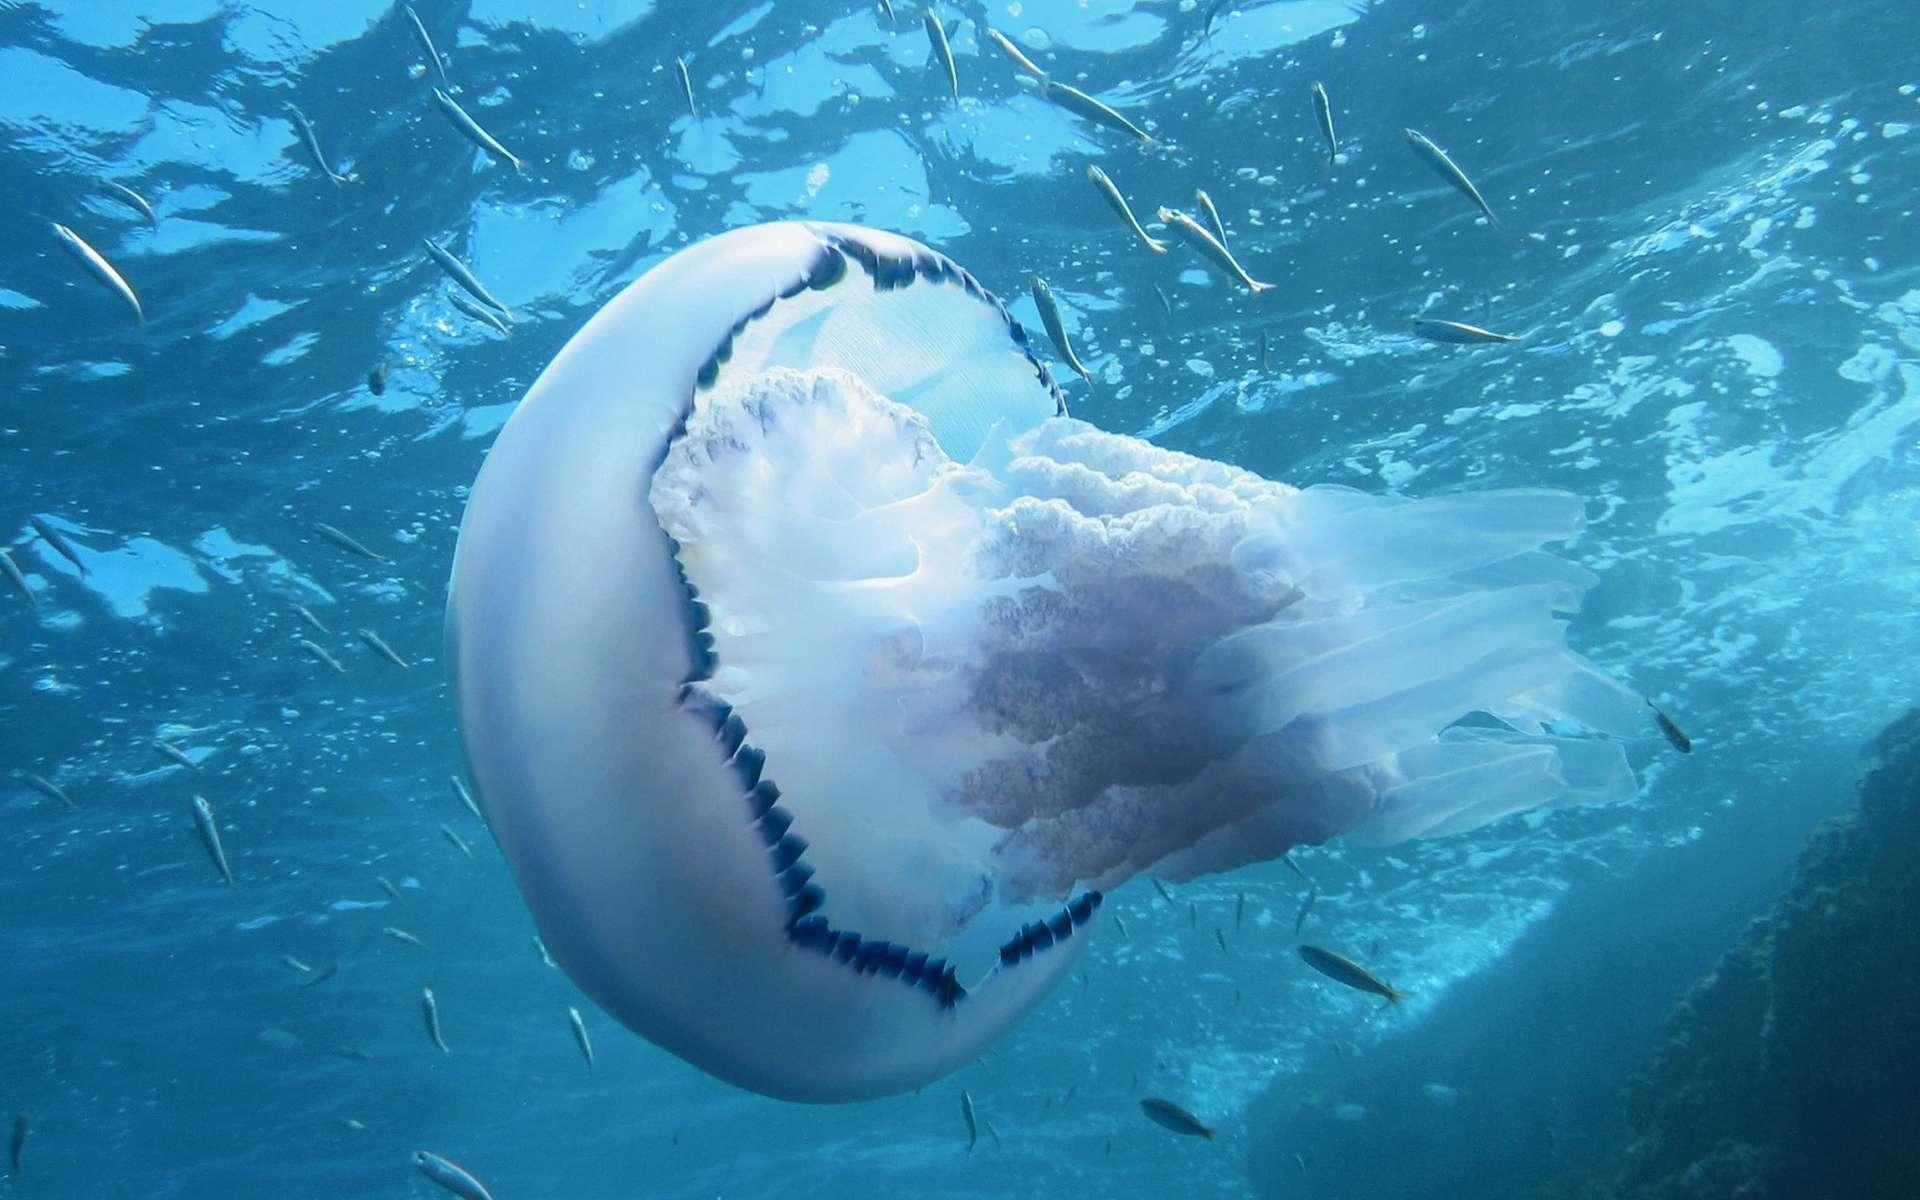 Il y aurait 150 millions de piqûres de méduse chaque année dans le monde. Et beaucoup de conseils contradictoires pour les soulager. © Vilainecrevette, Shutterstock